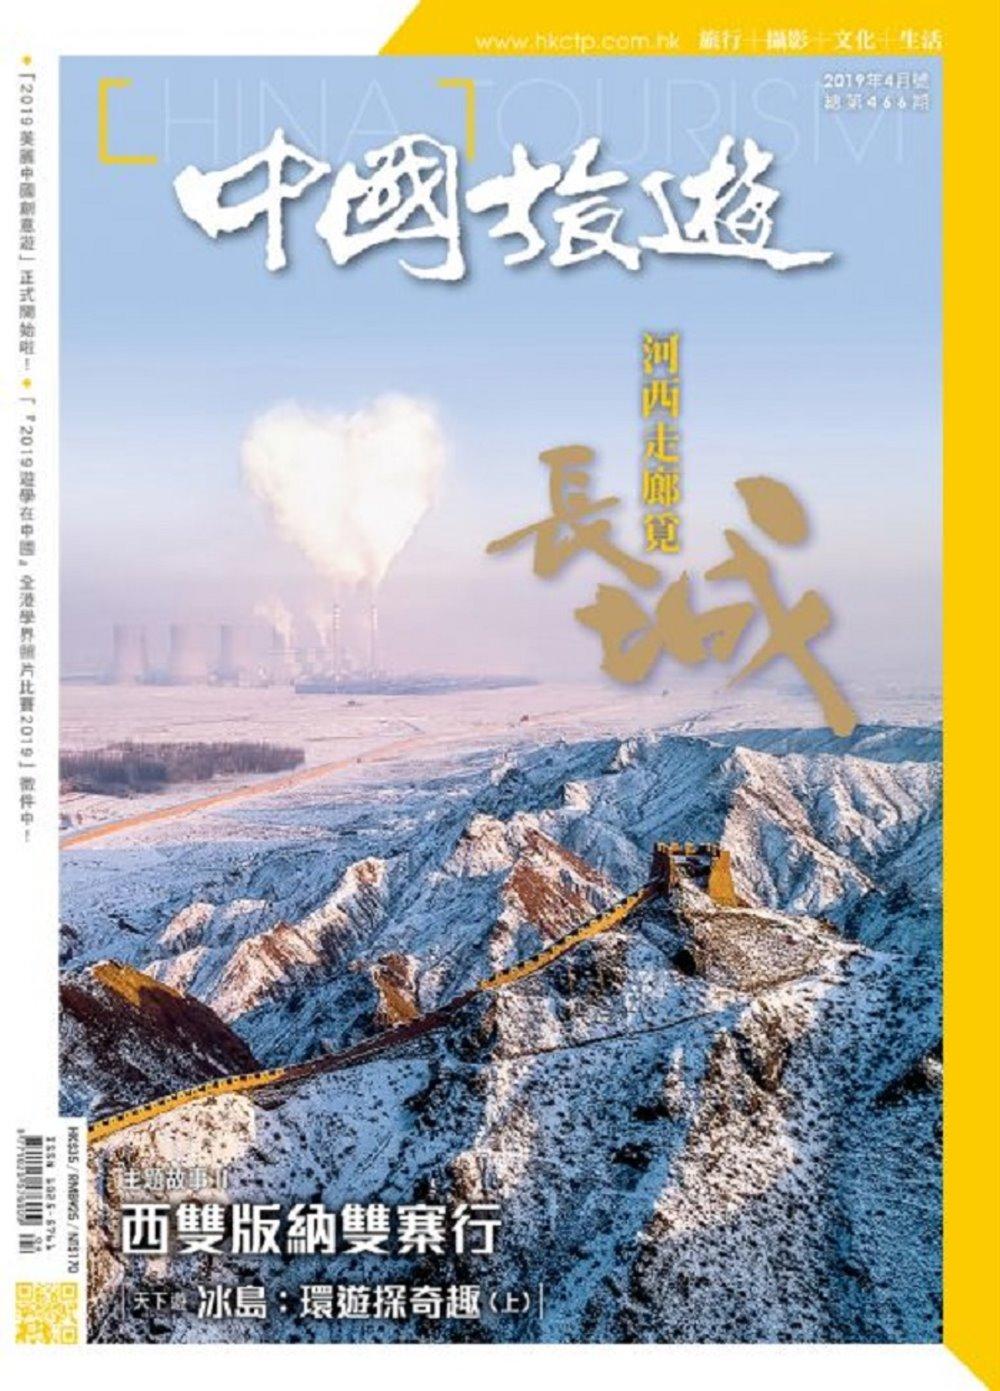 中國旅遊 4月號/2019 第466期